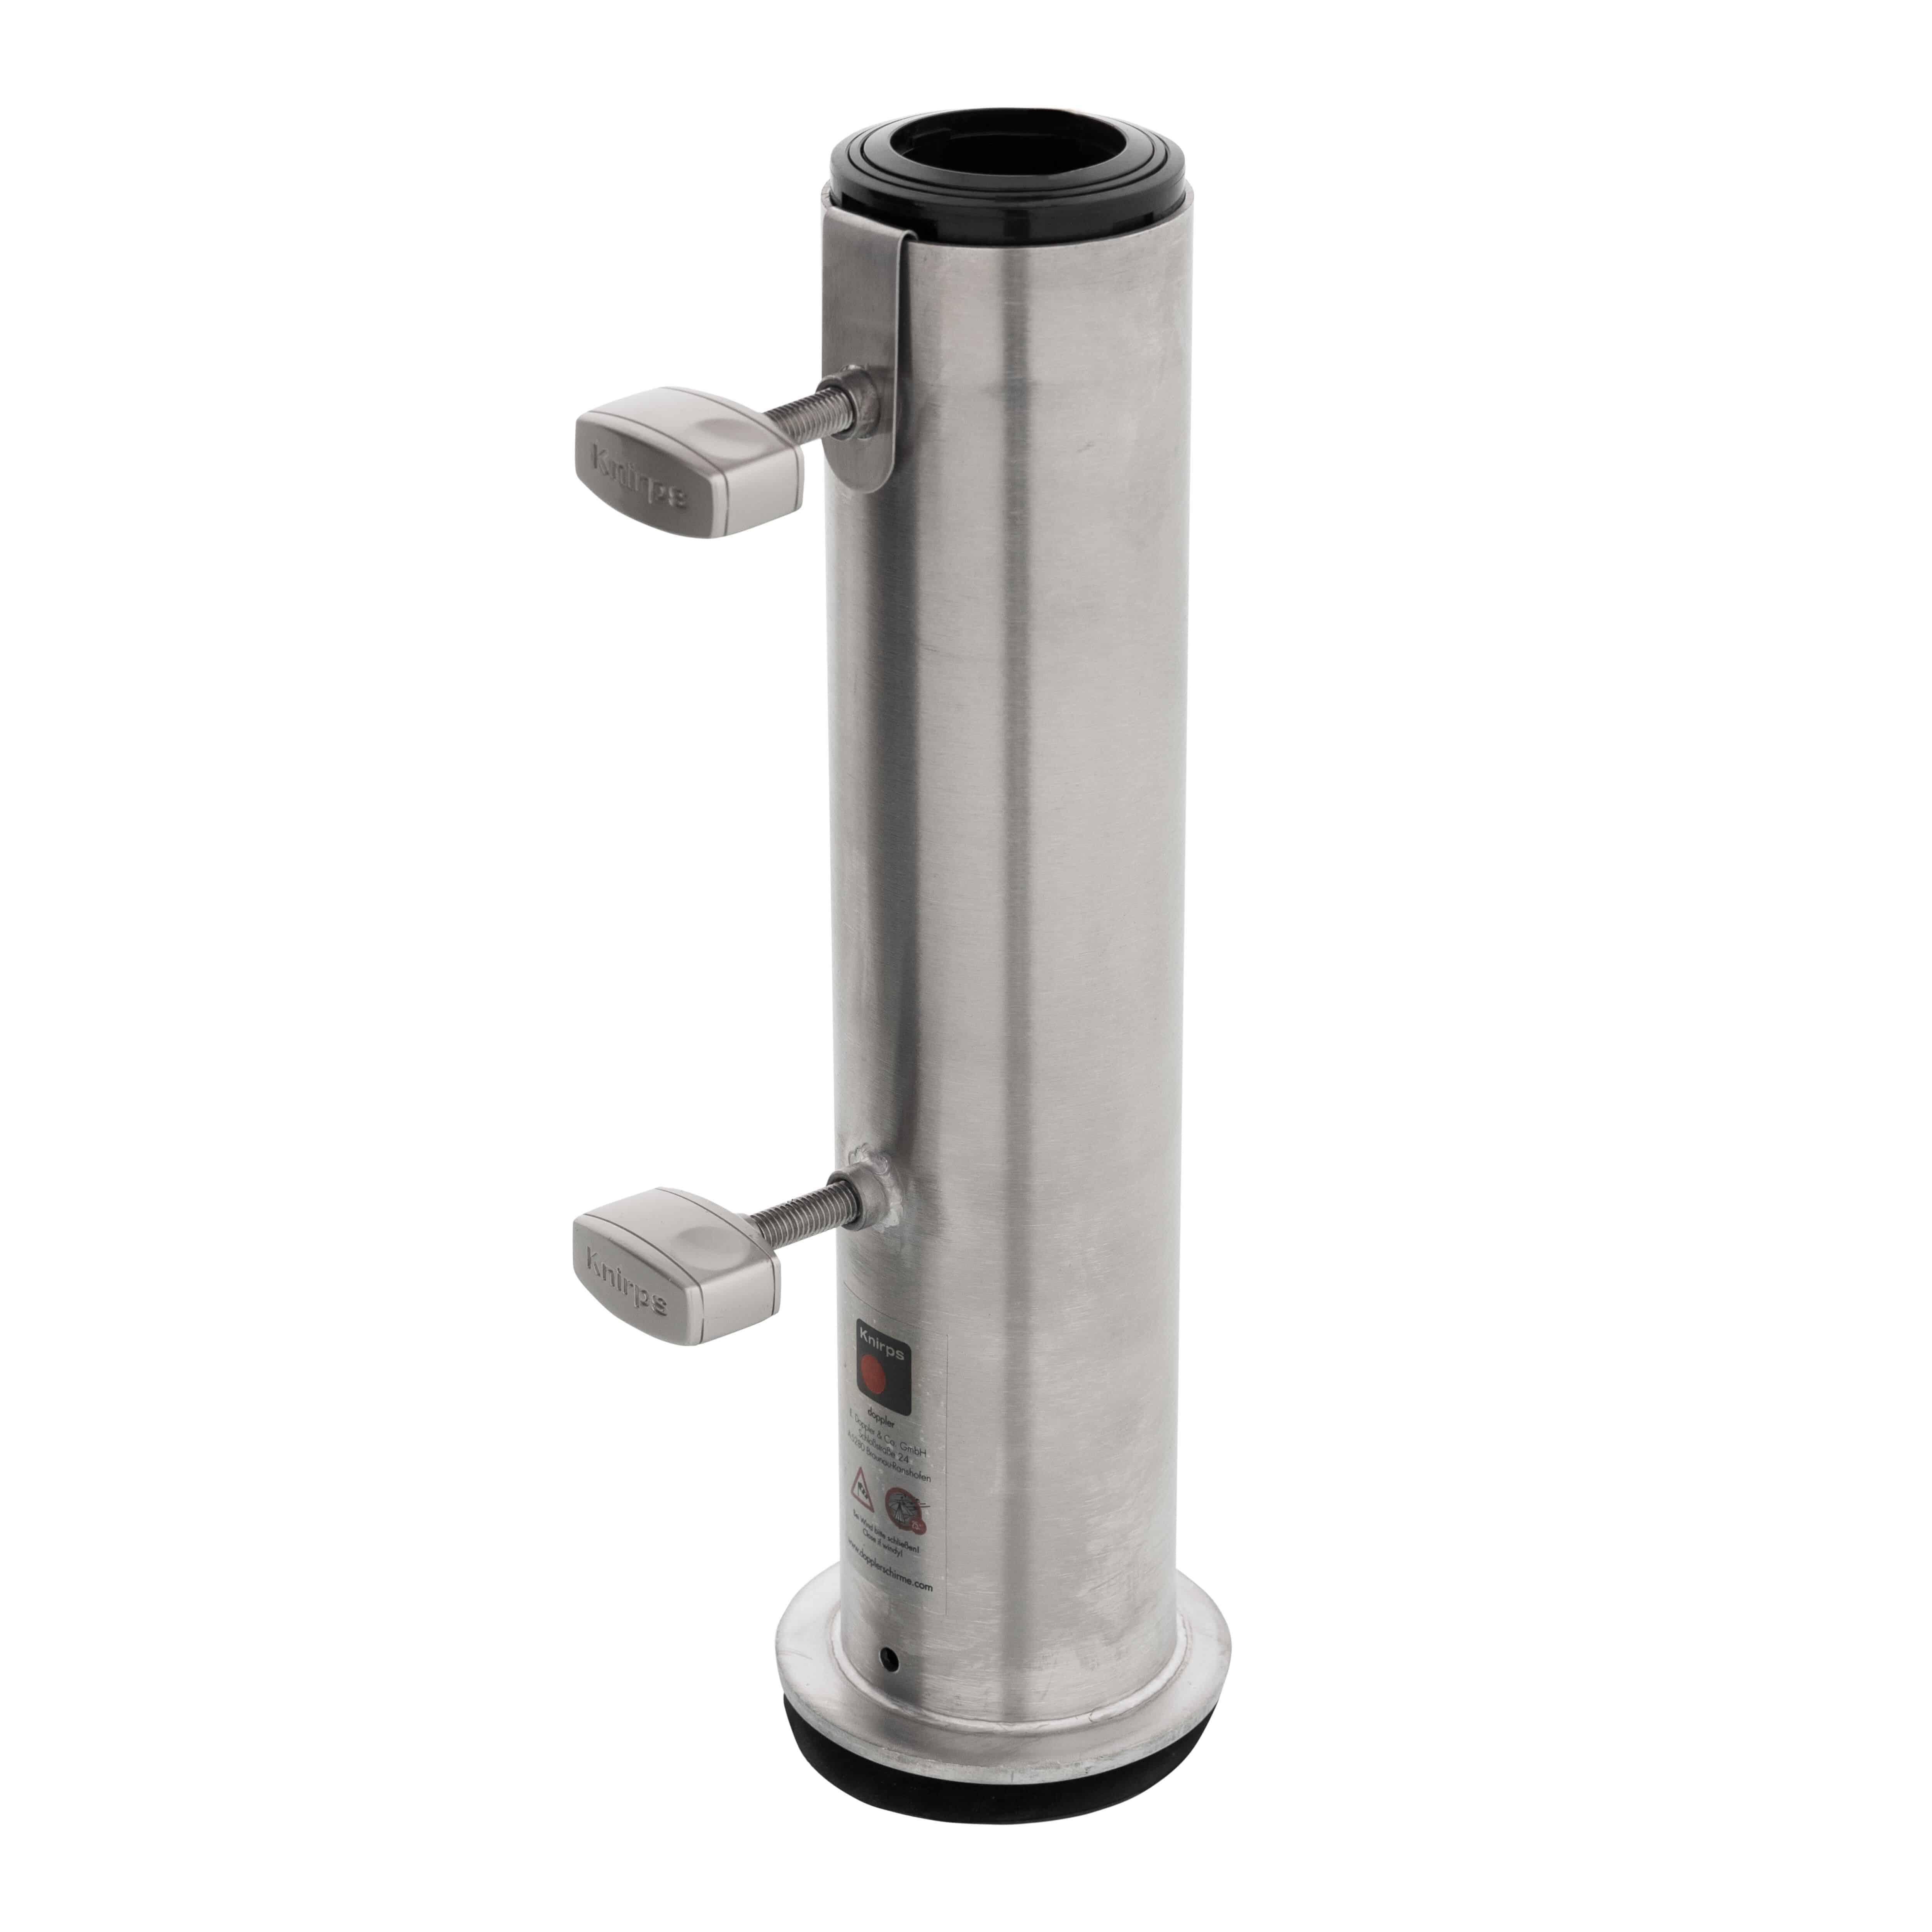 Knirps Basements KNIRPS Balkon-Granitsockel ca. 25kg - foto 3